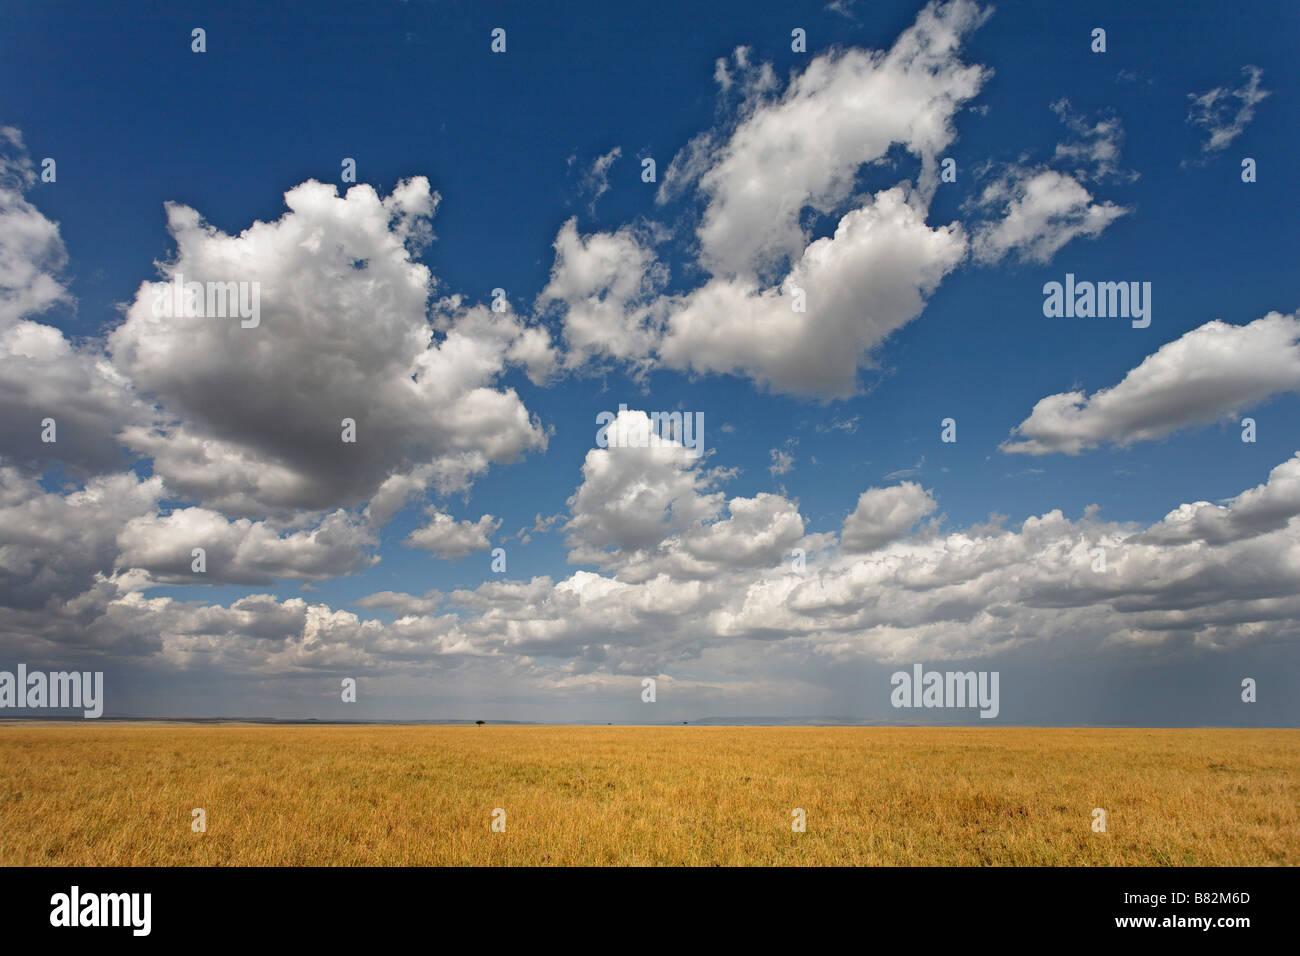 Schöne Wolken hängen hoch über die weiten Ebenen der Serengeti in Serengeti Nationalpark Tansanias. Stockbild